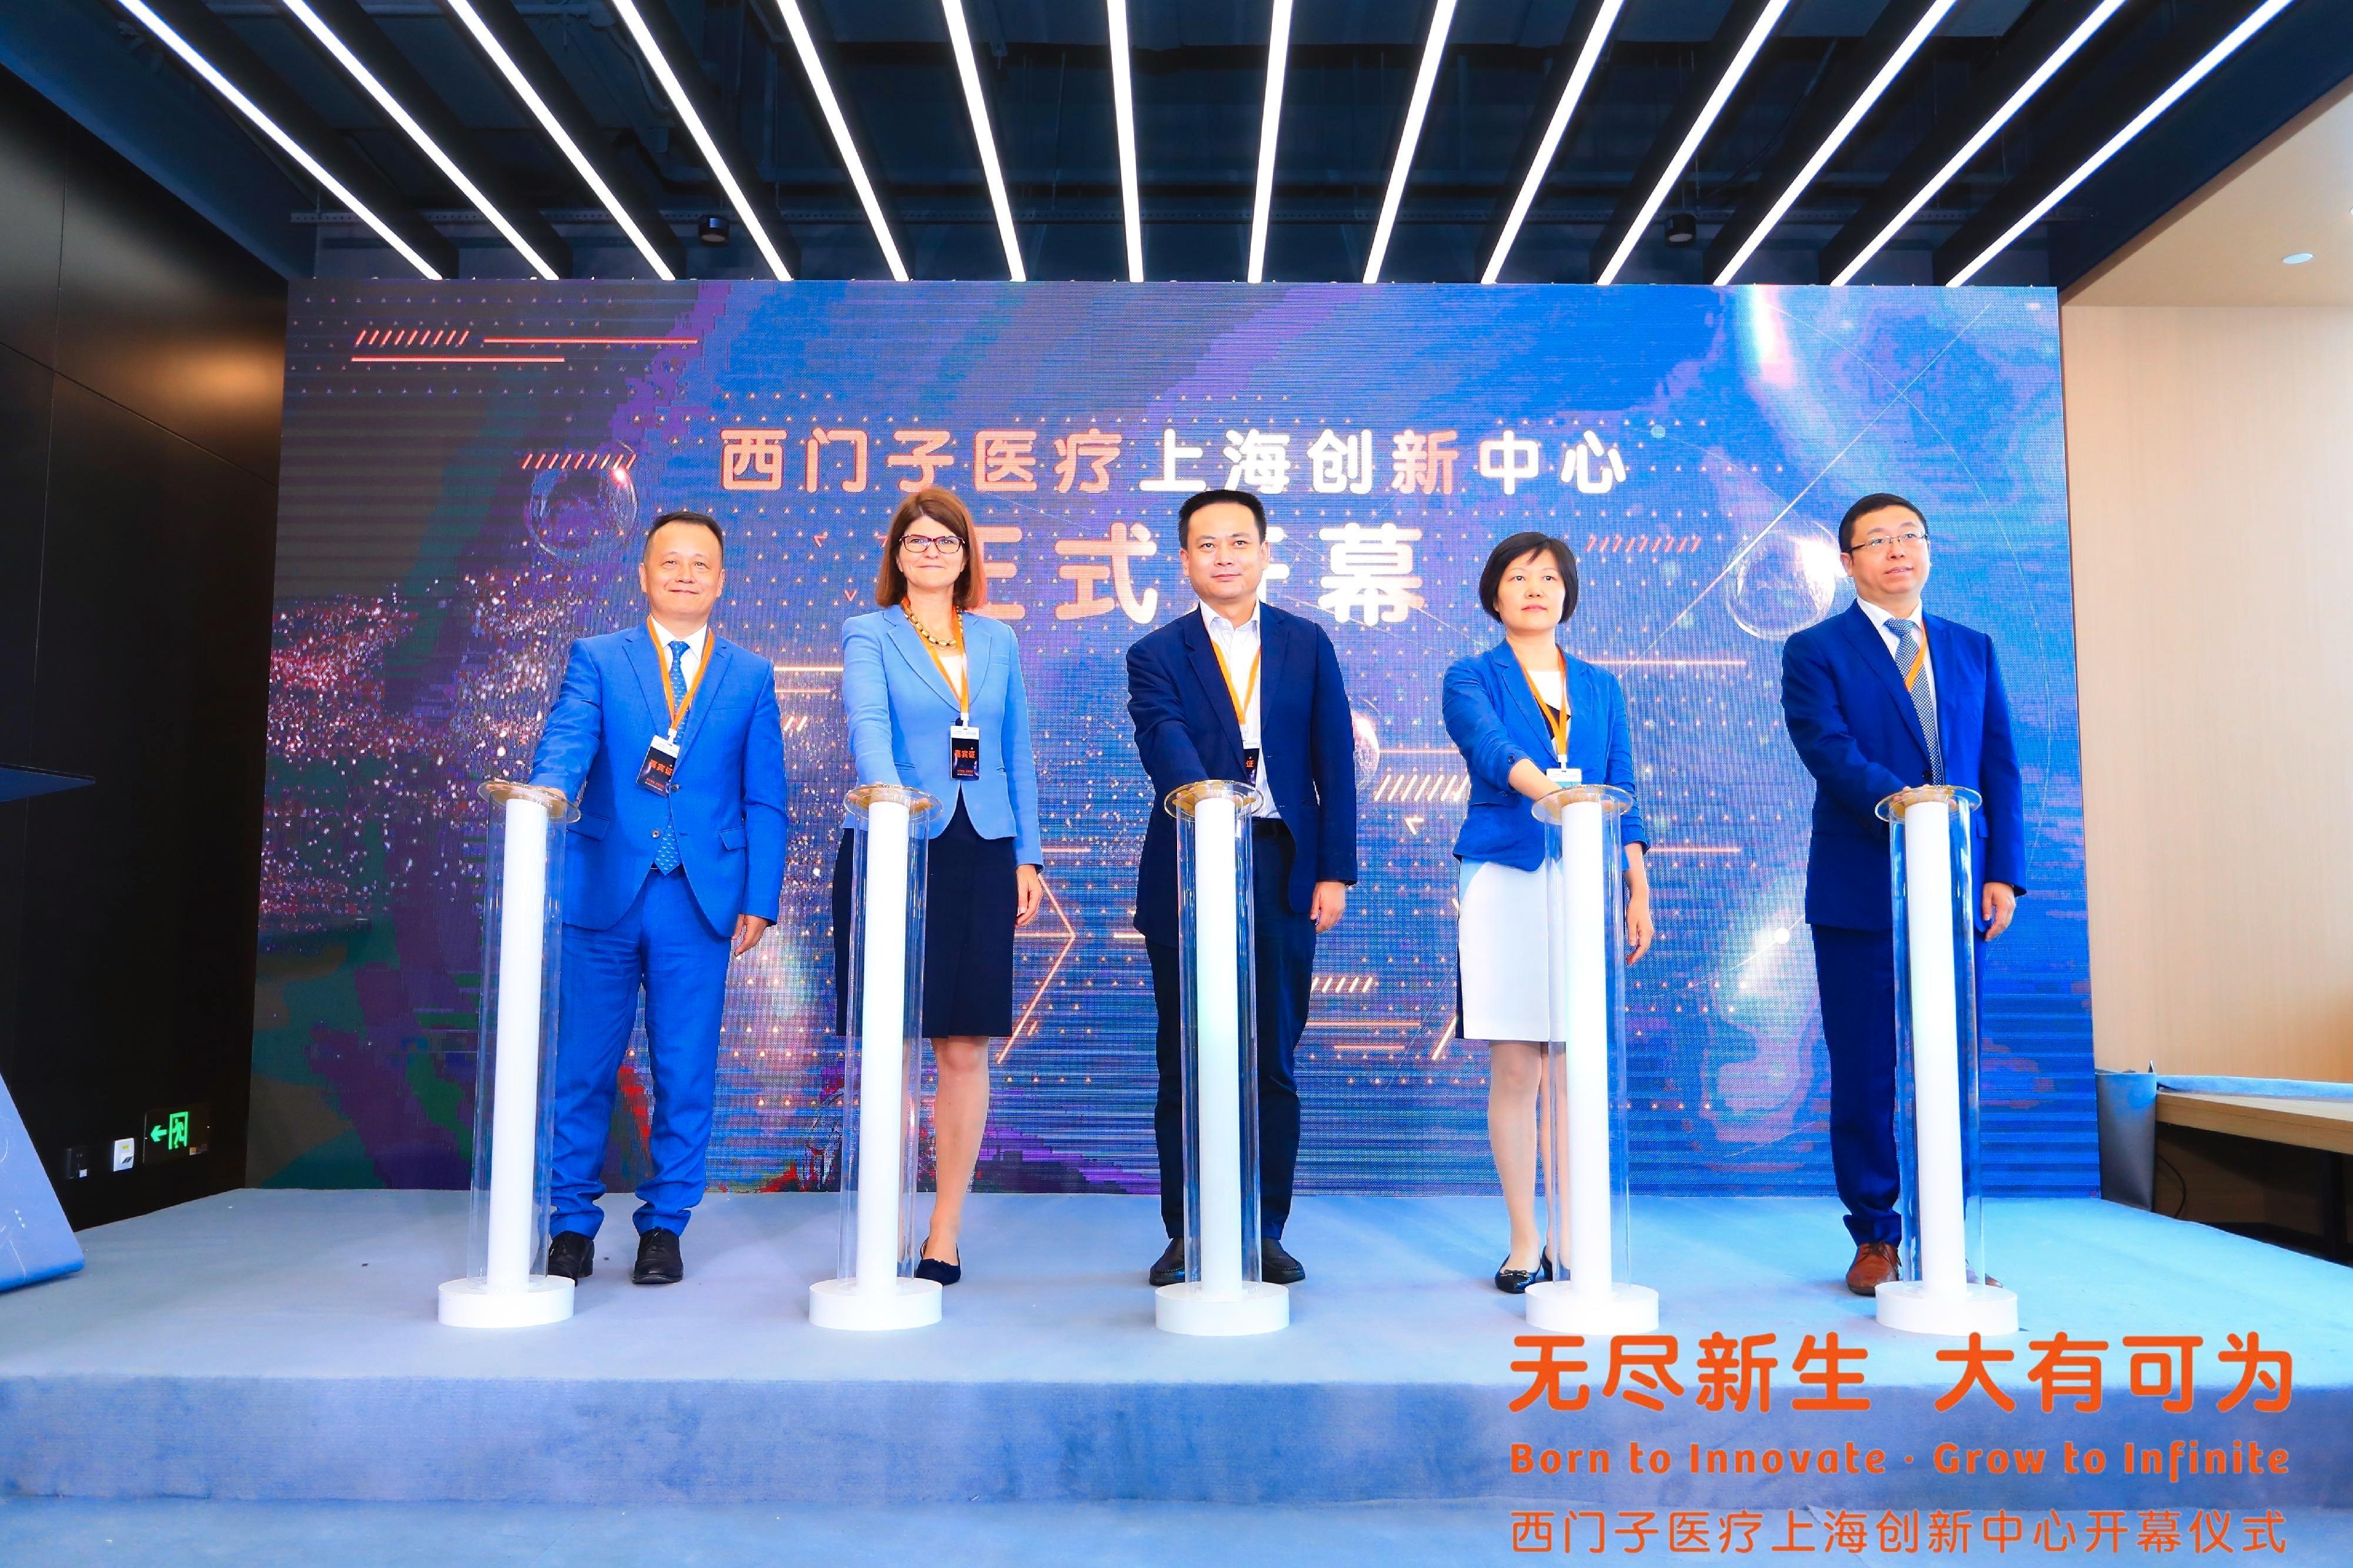 西门子医疗上海创新中心正式启用 加码本土数字医疗生态圈建设